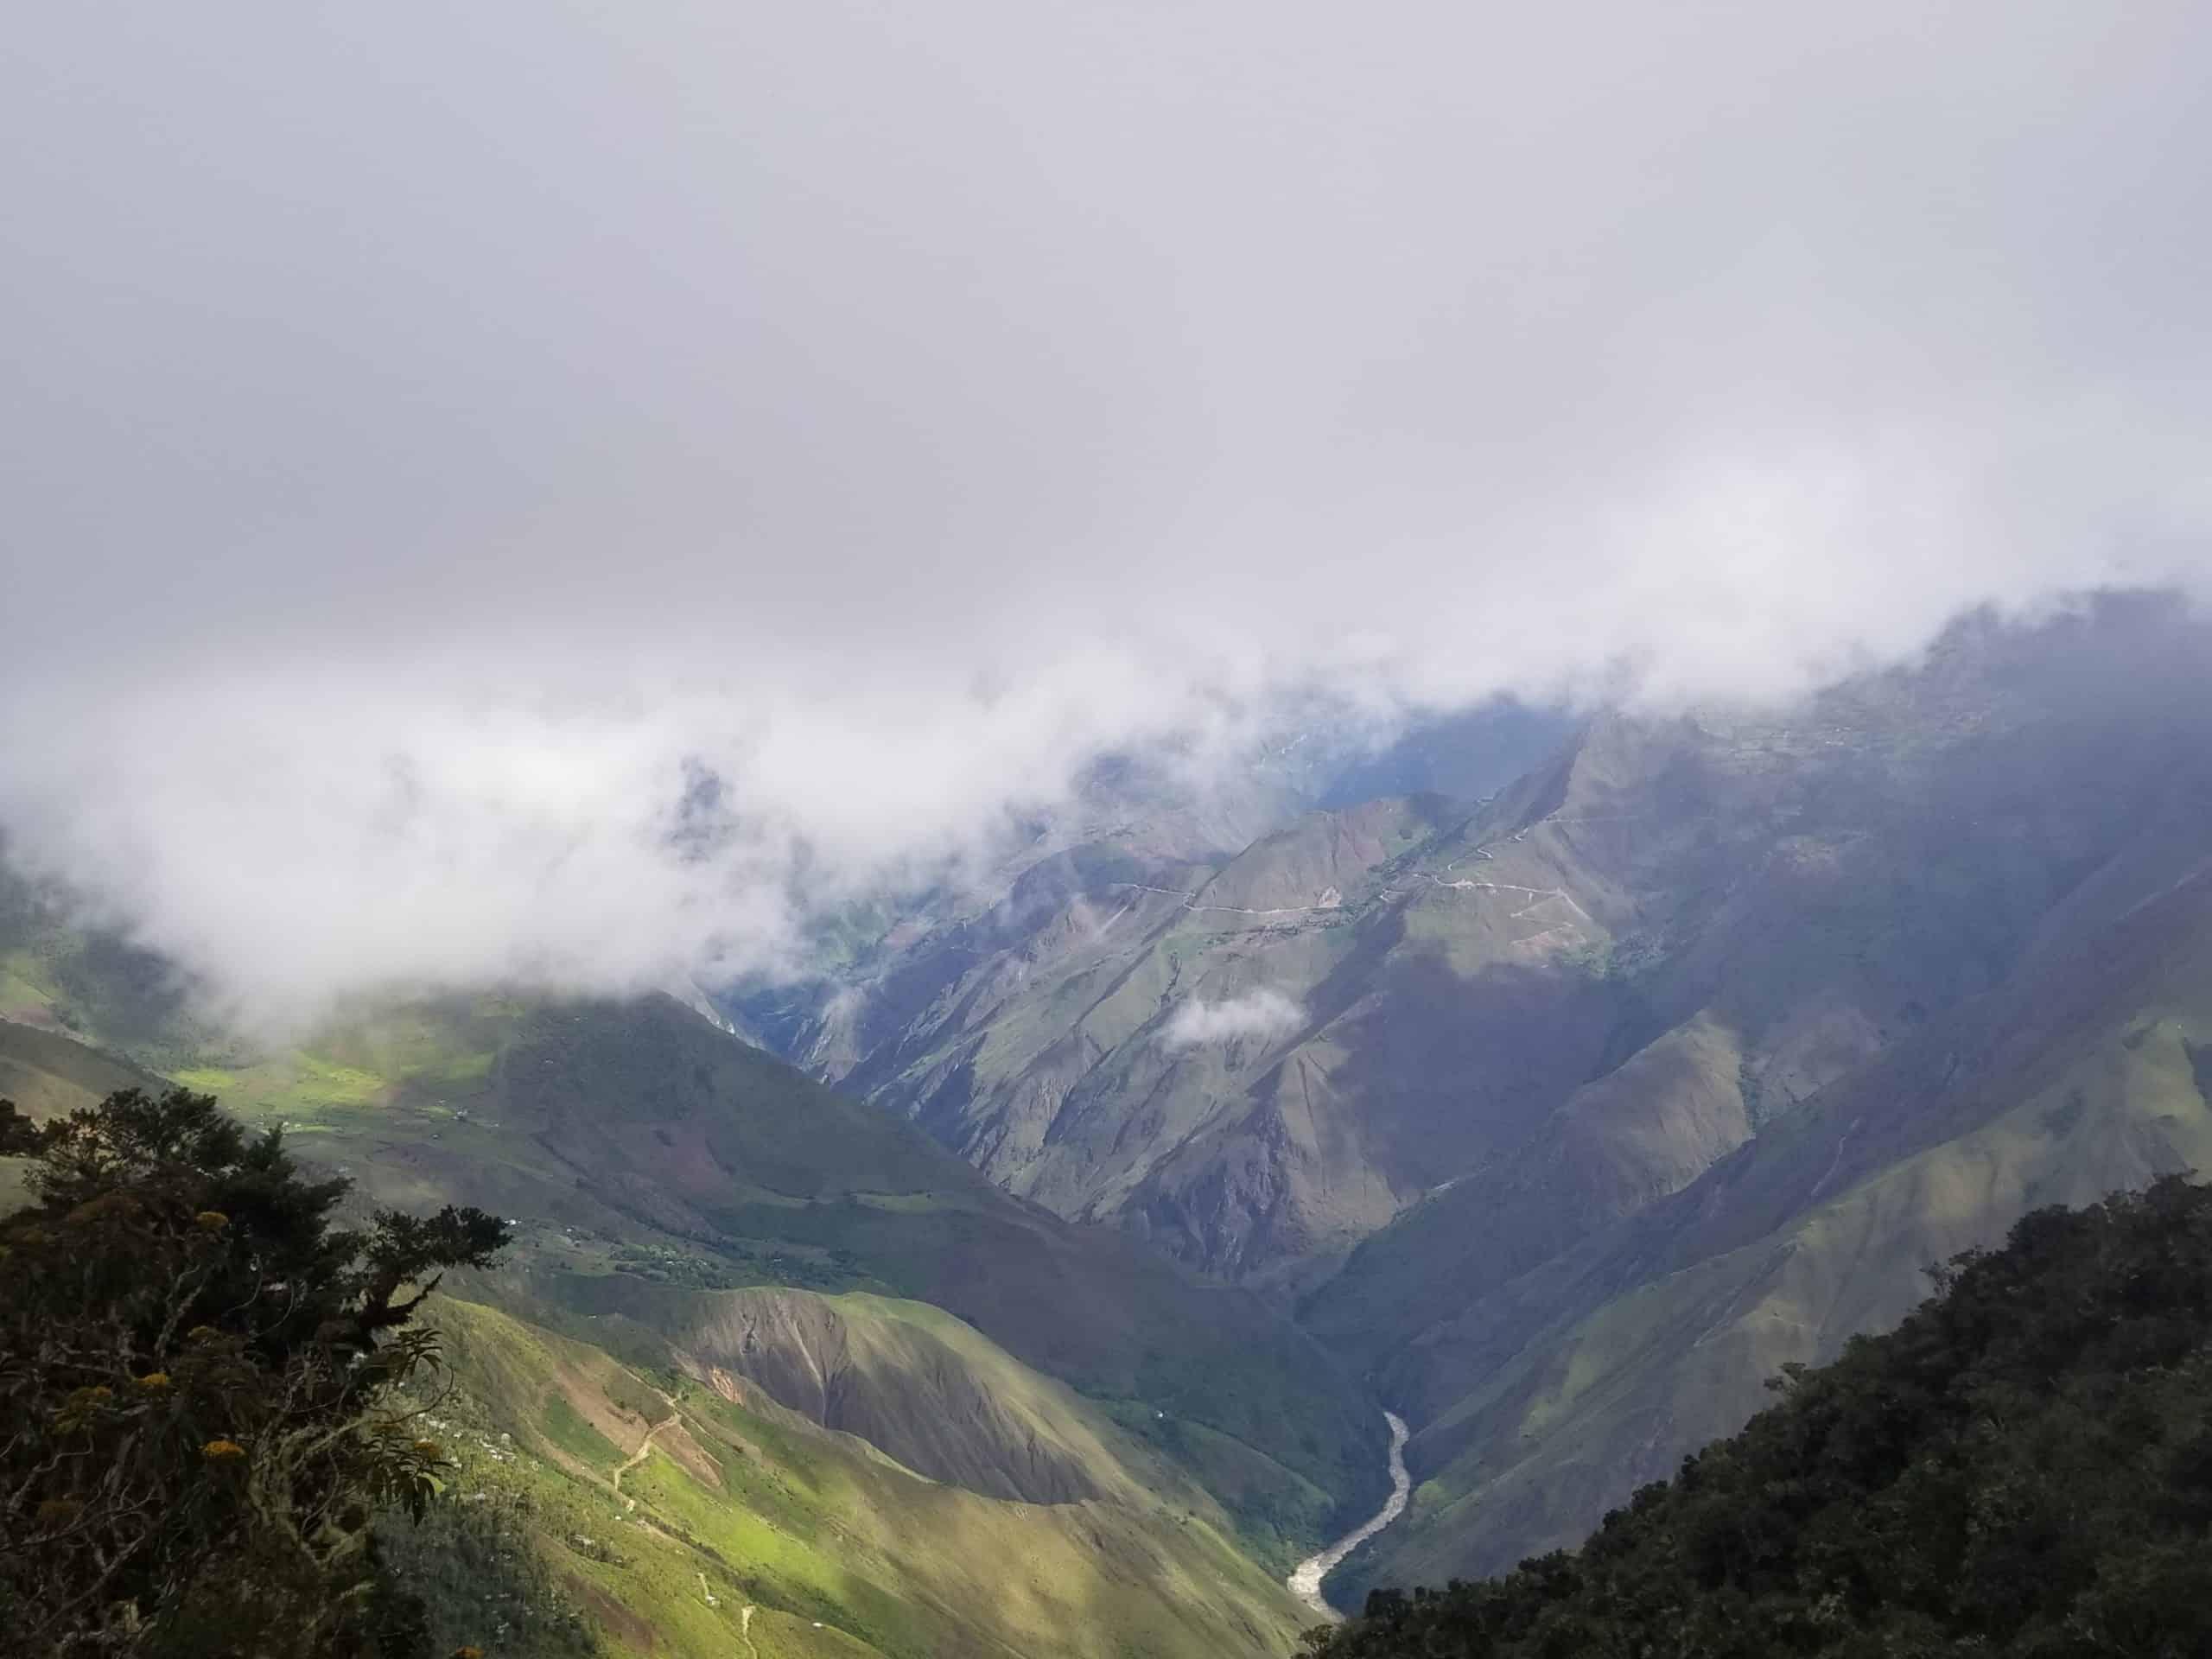 Huanacaure, histoire d'une découverte manquée